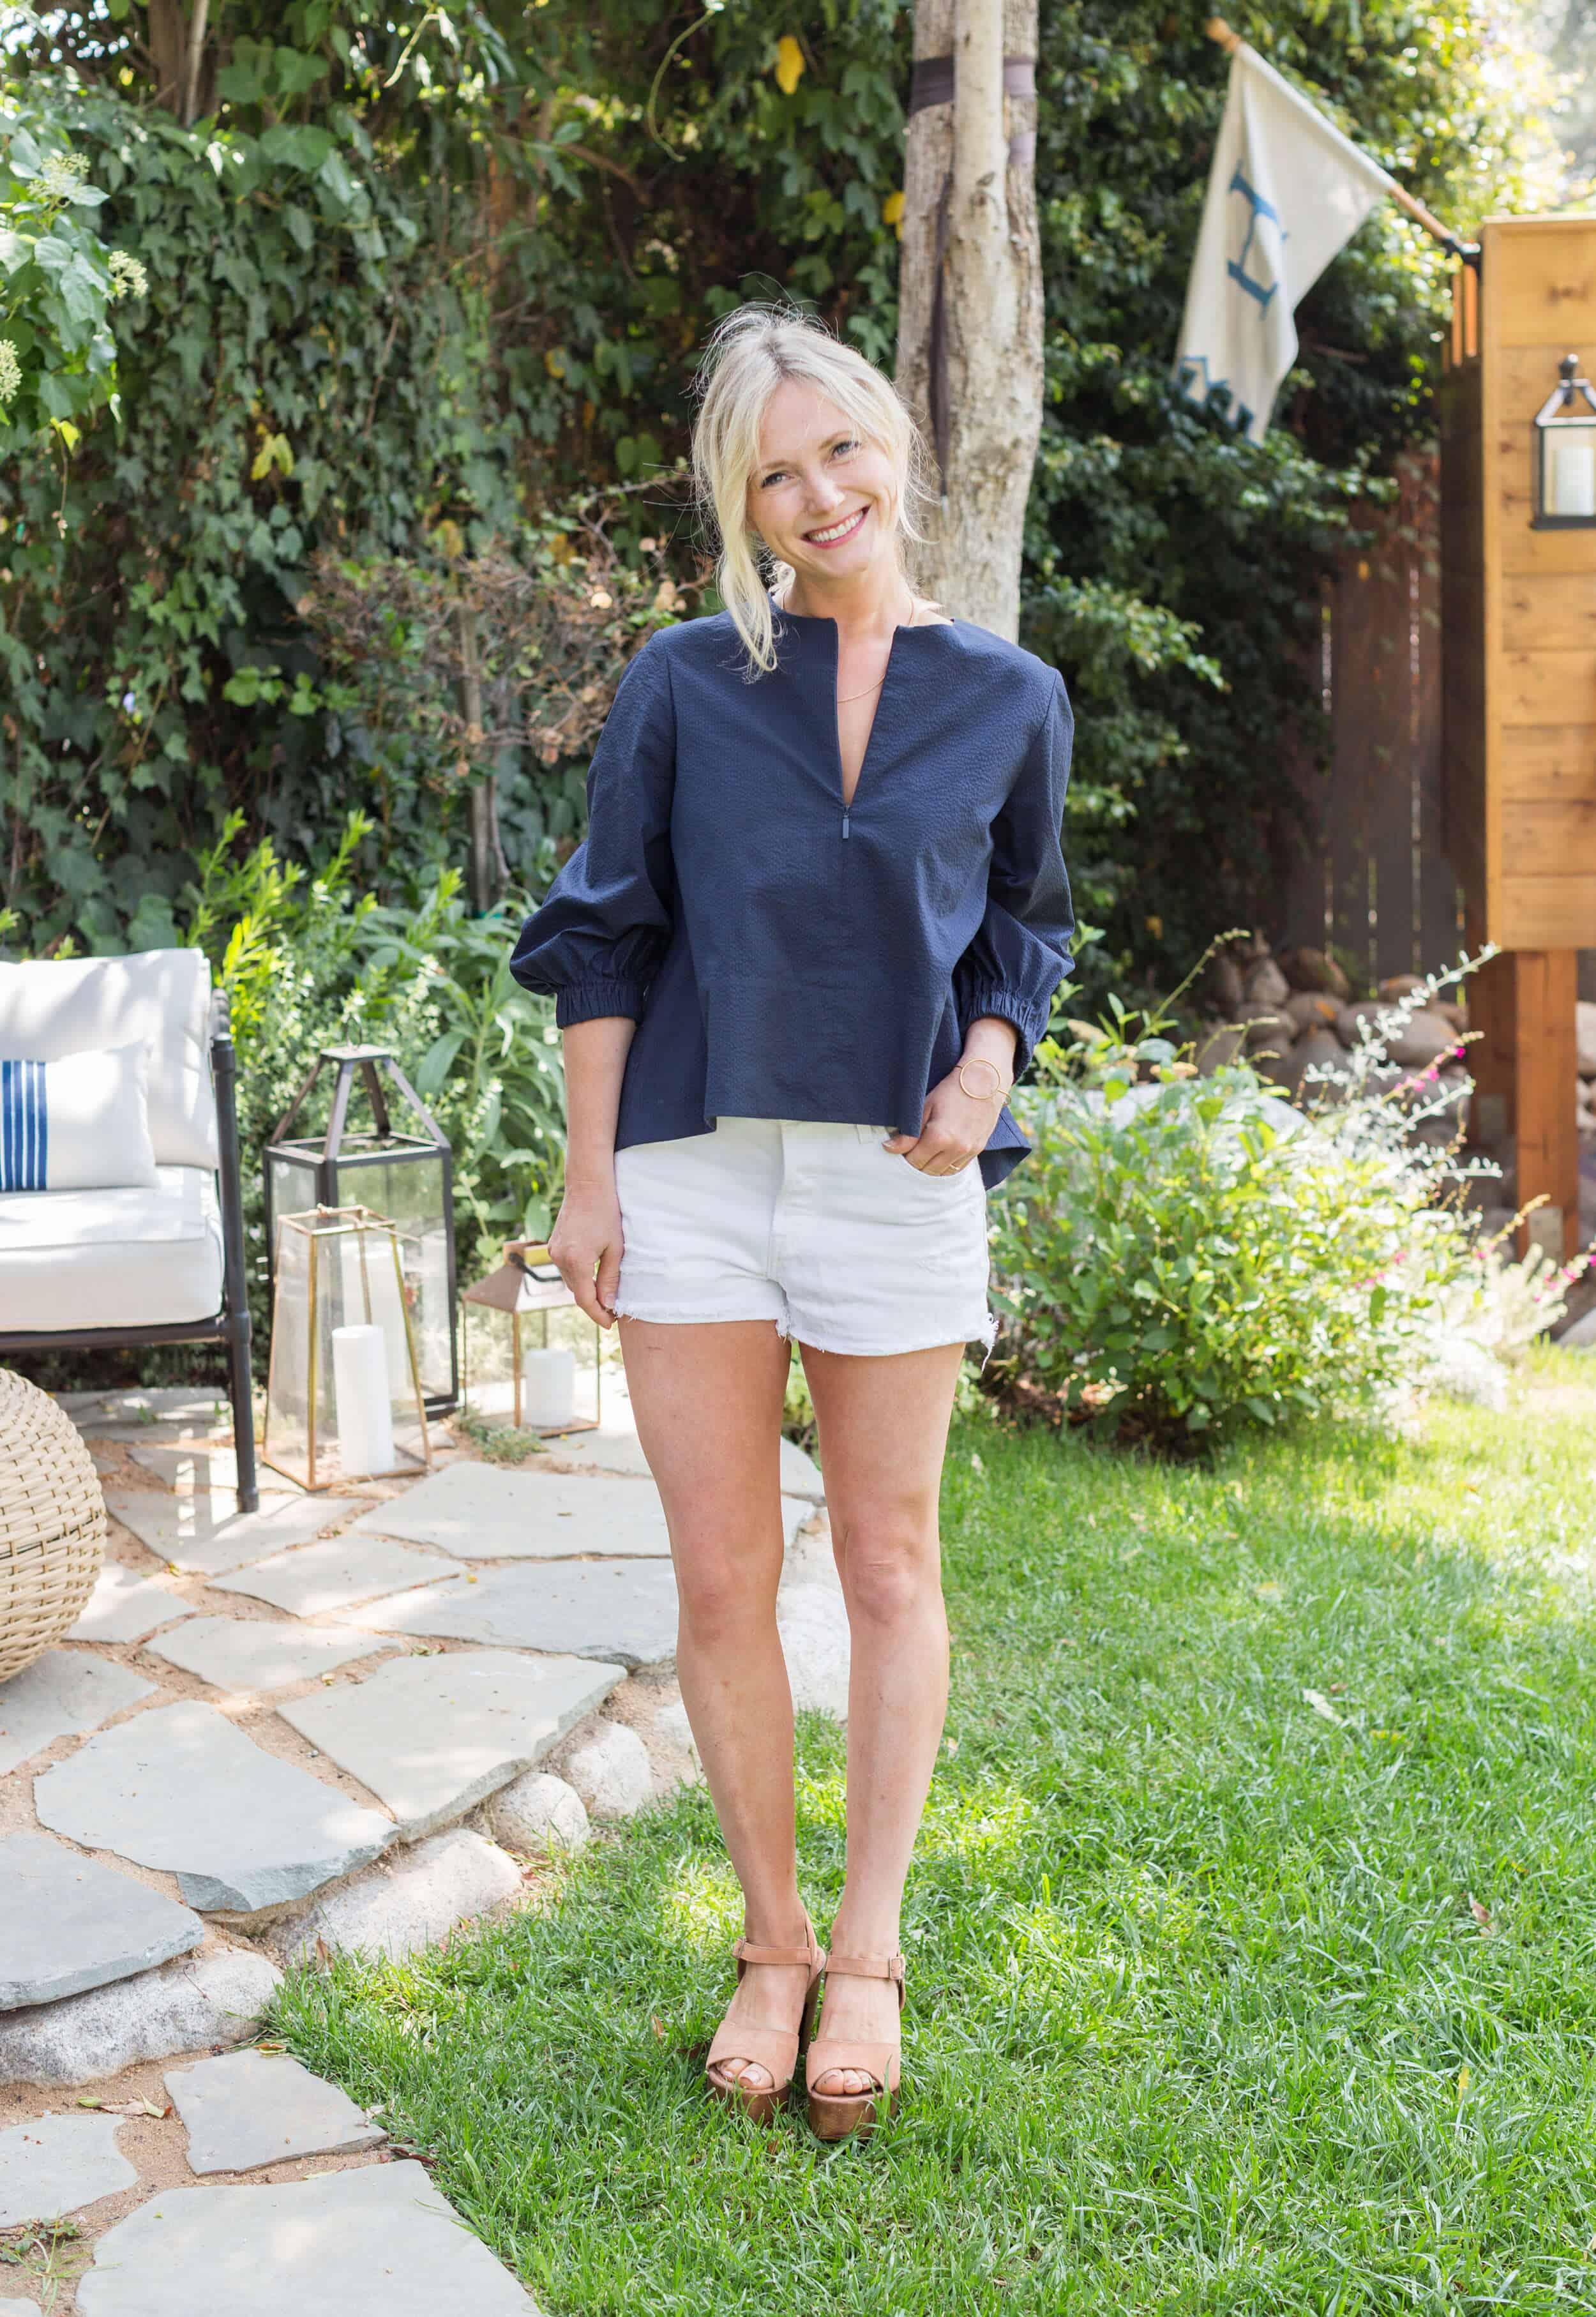 Emily-Henderson-Summer-Essentials-Fashion00017